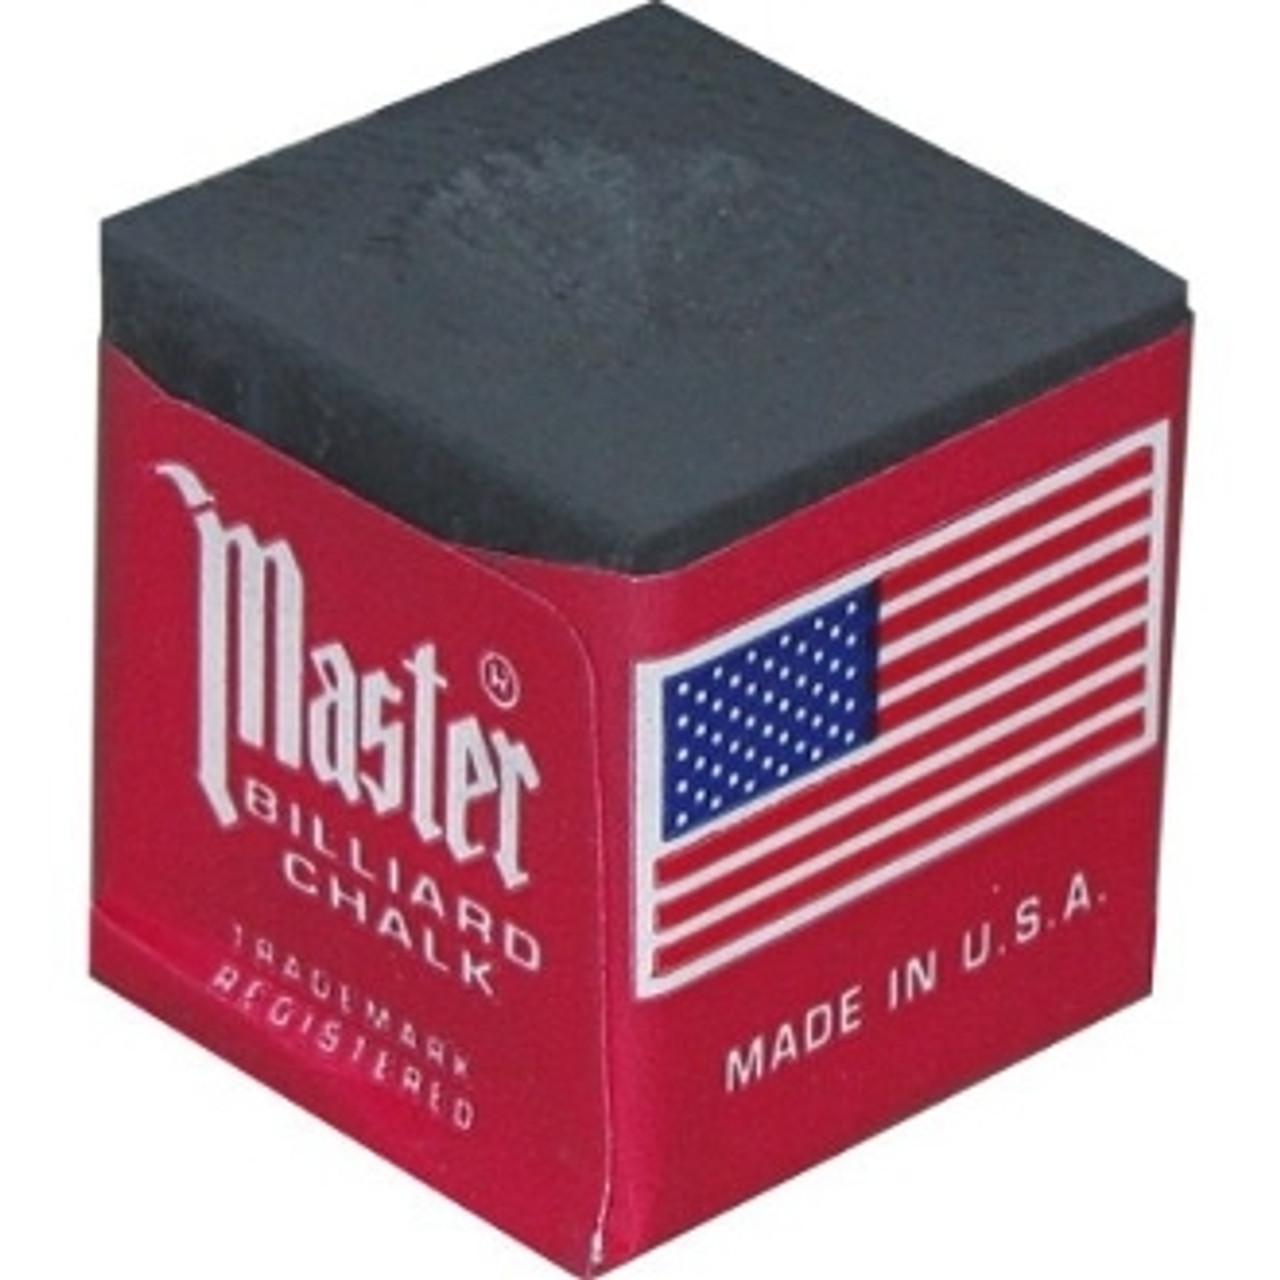 Masters Billiards Chalk Black